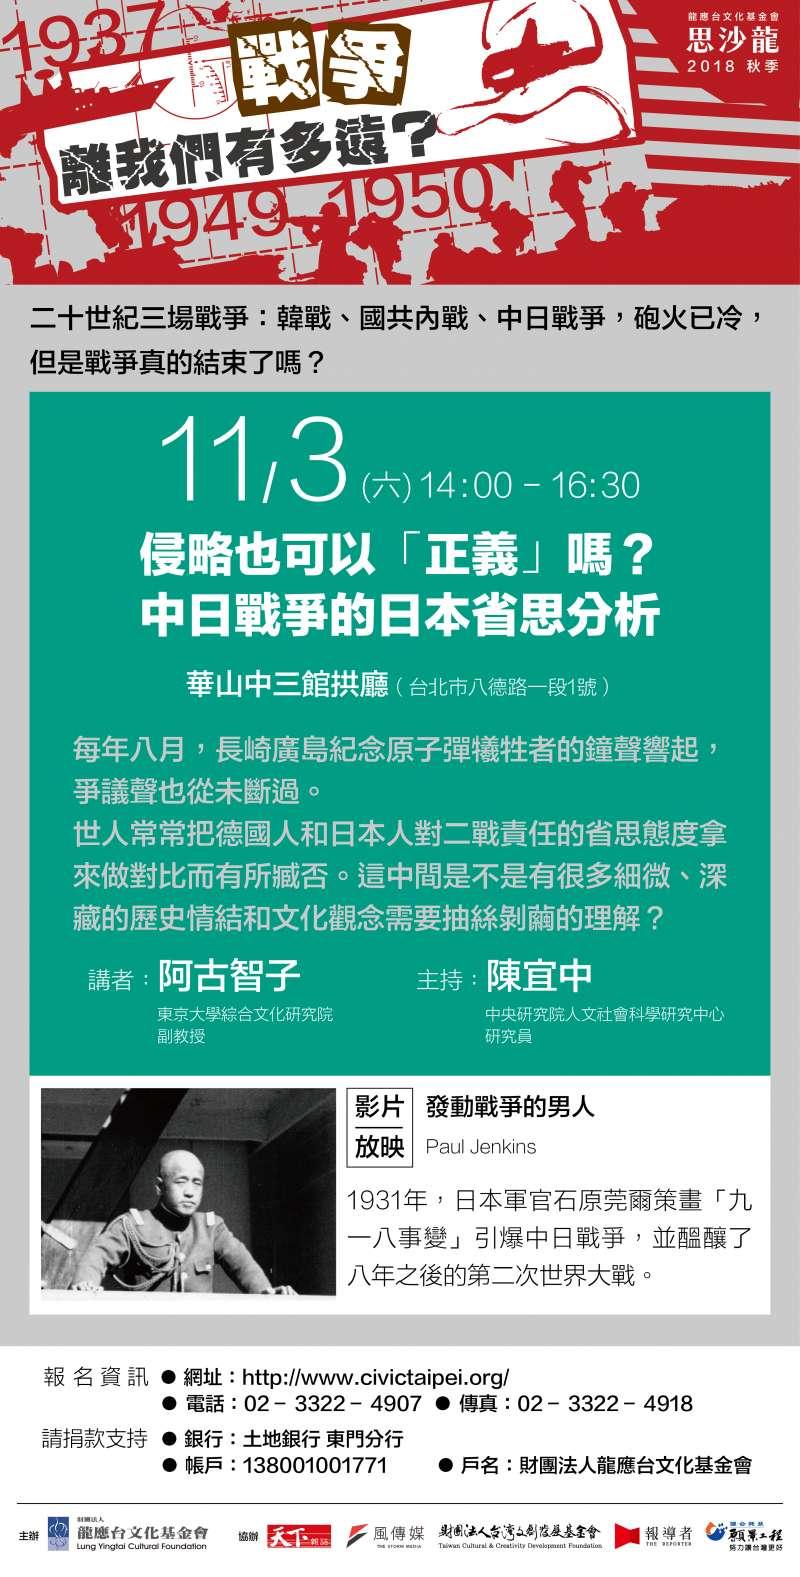 龍應台文化基金會《秋季思沙龍》壓軸場「侵略也可以『正義』嗎?——中日戰爭的日本省思分析」11月3日下午2時登場。(龍應台文化基金會提供)